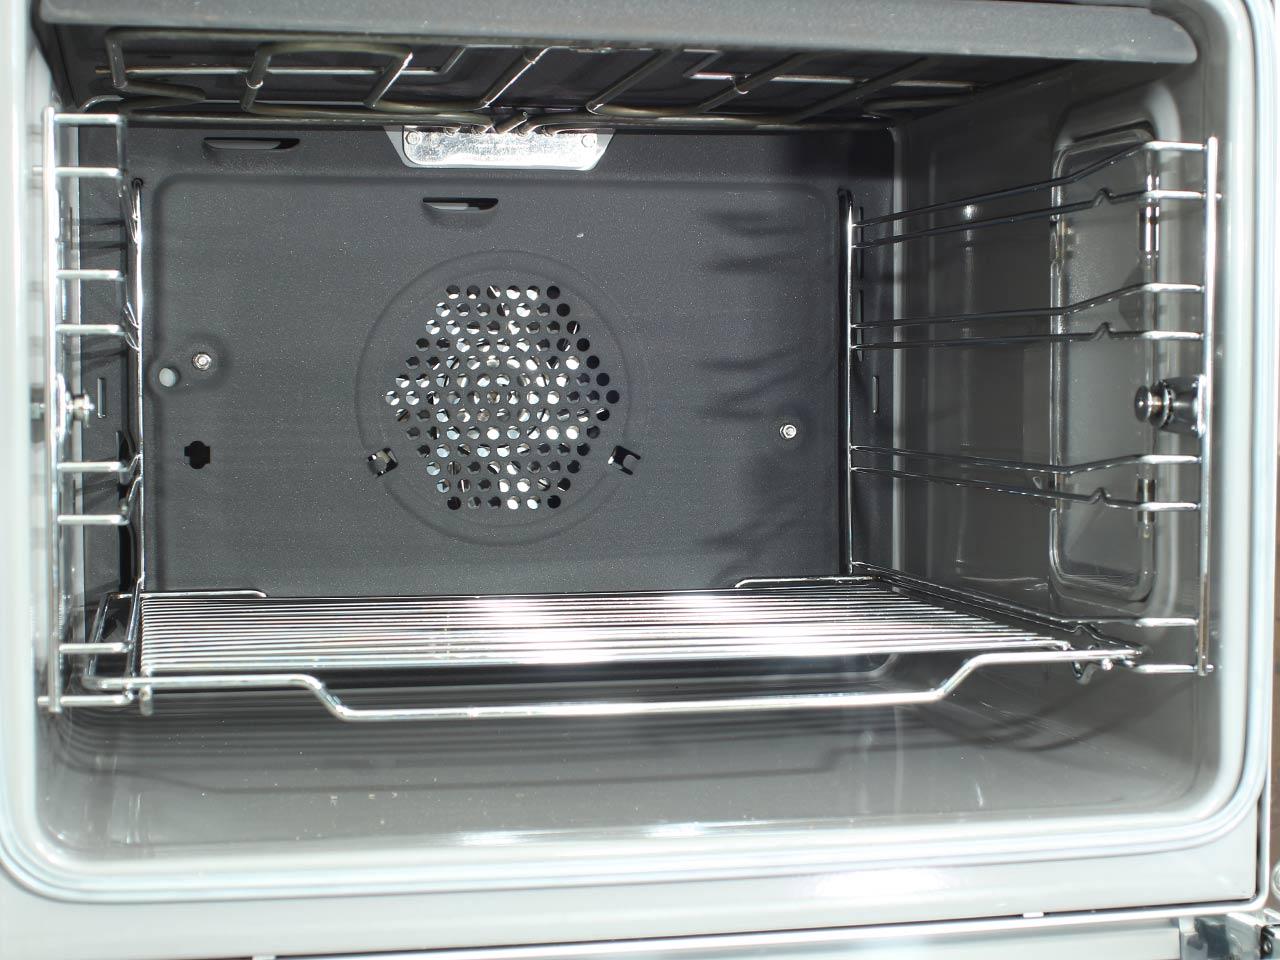 miele h4620b kat einbau backofen edelstahl katalytische selbstreinigung ebay. Black Bedroom Furniture Sets. Home Design Ideas